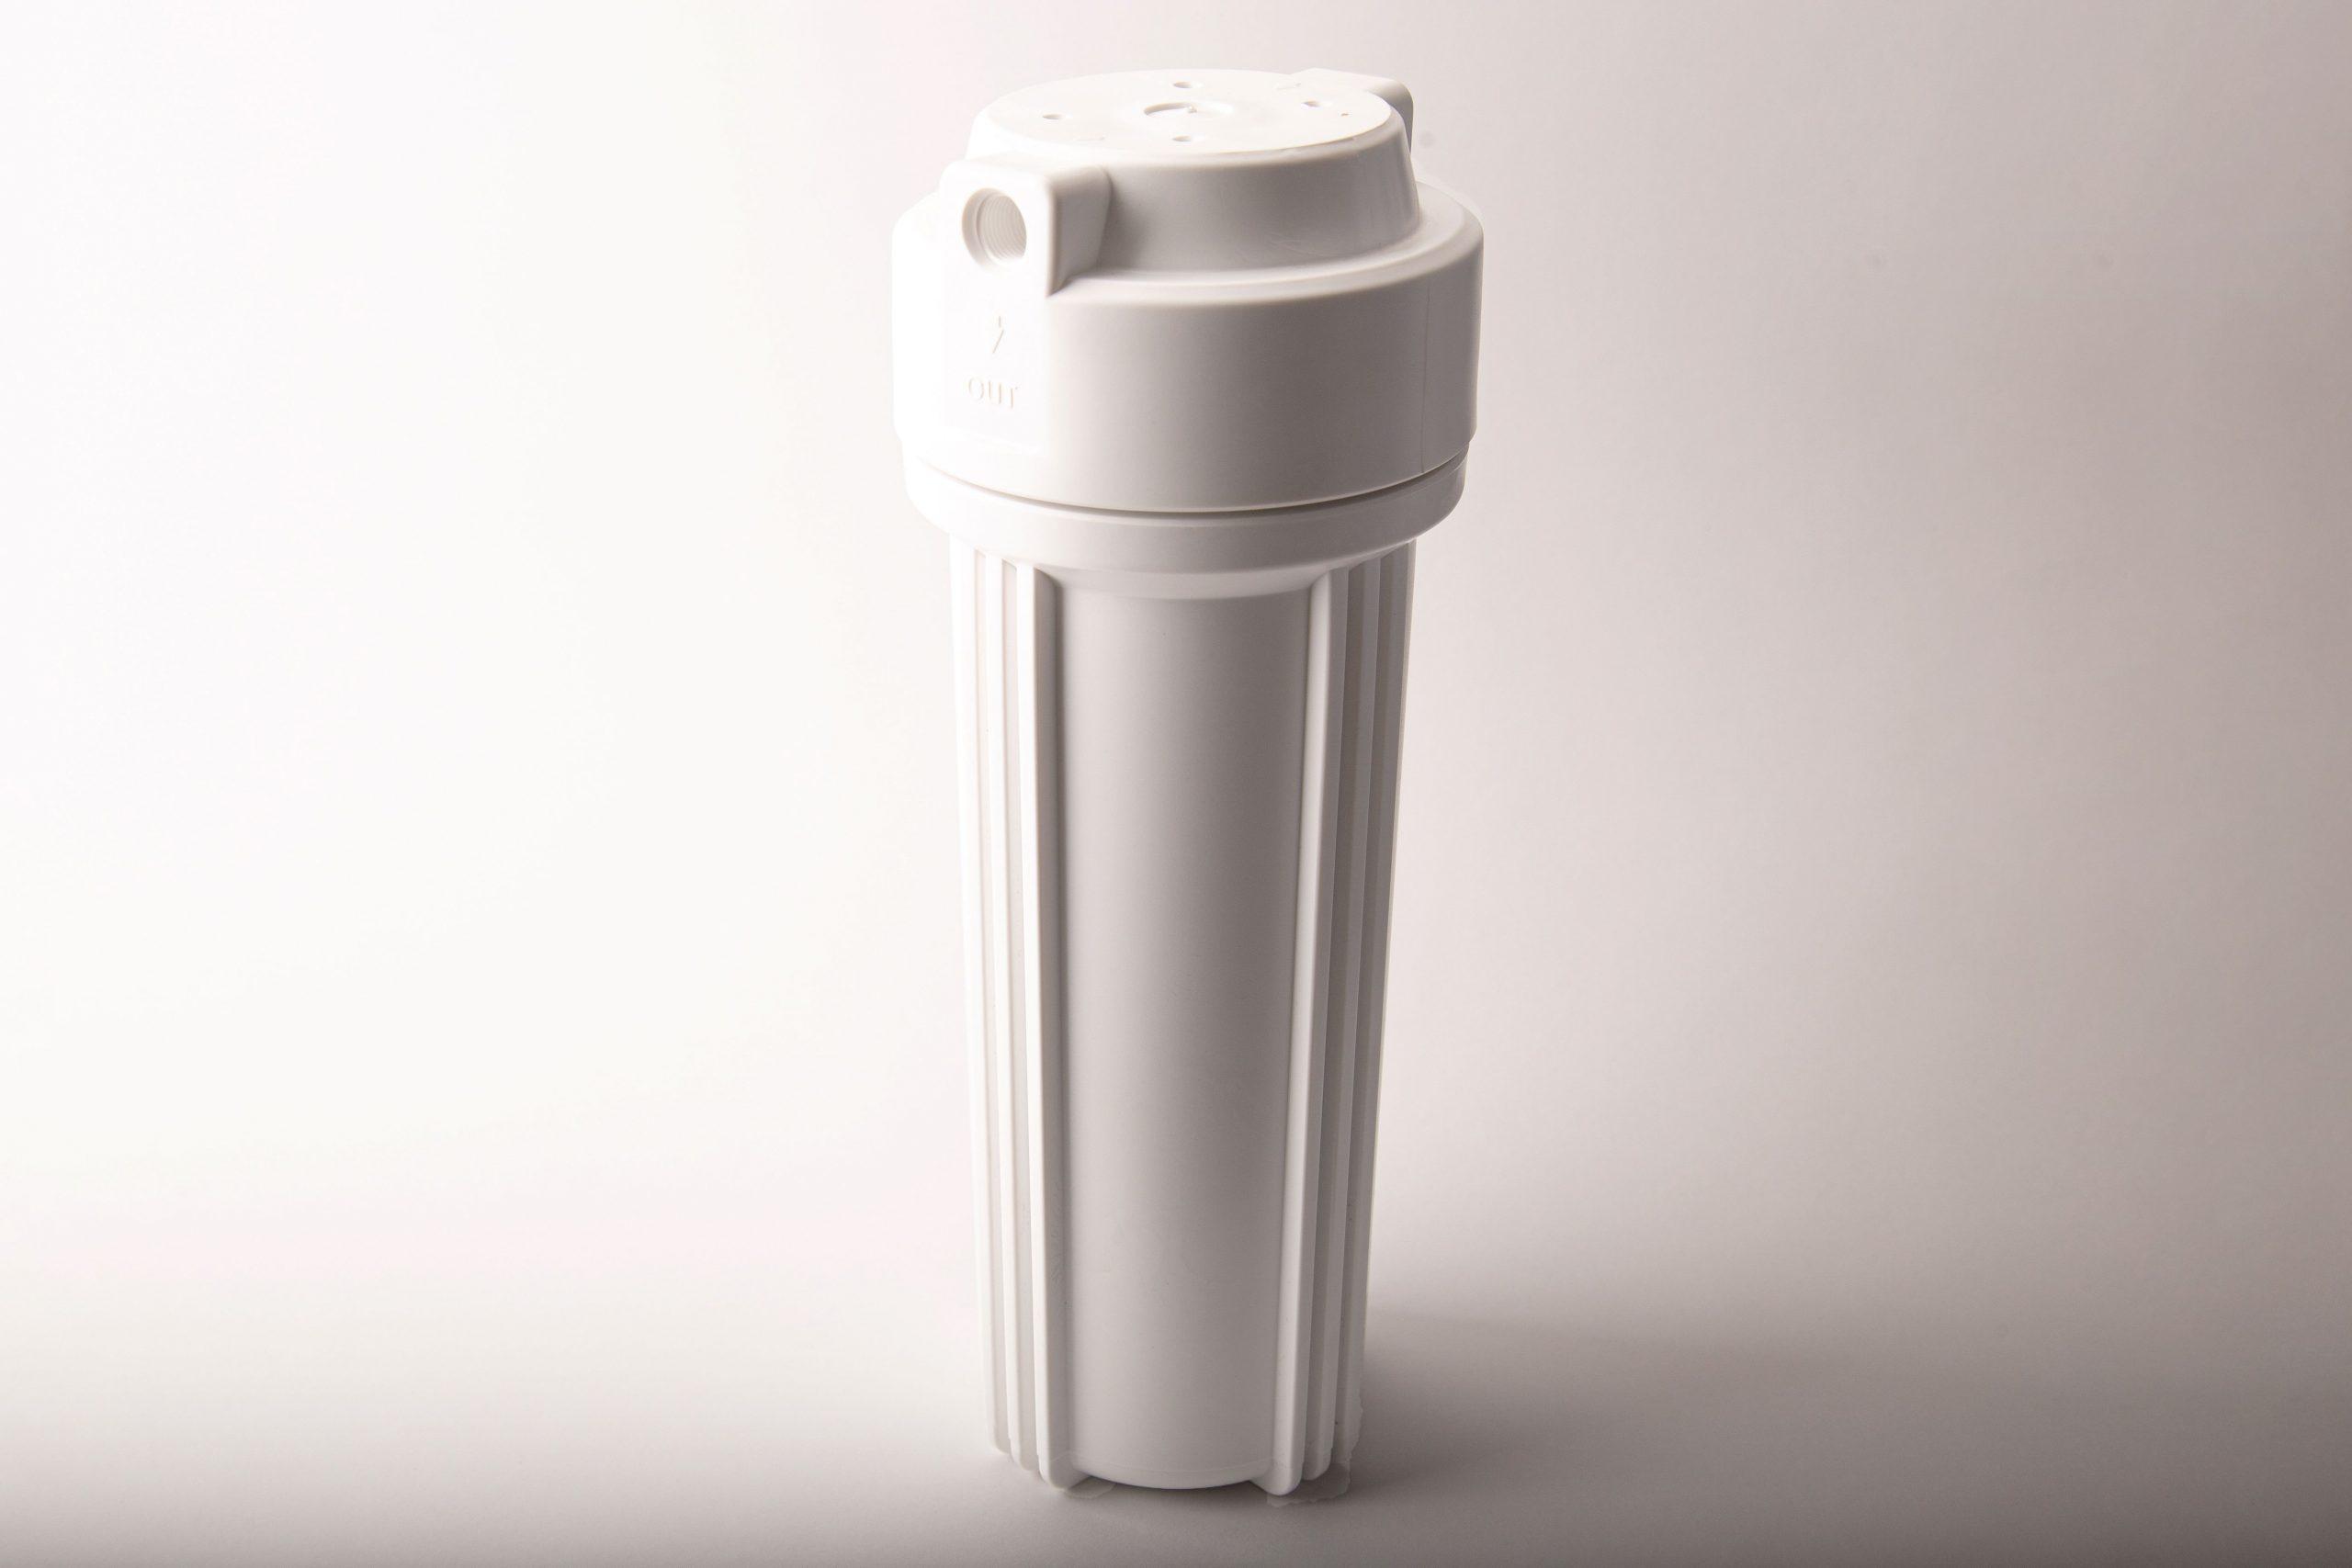 Колба фильтра 128-10W, 3/4″, для системы обратного осмоса